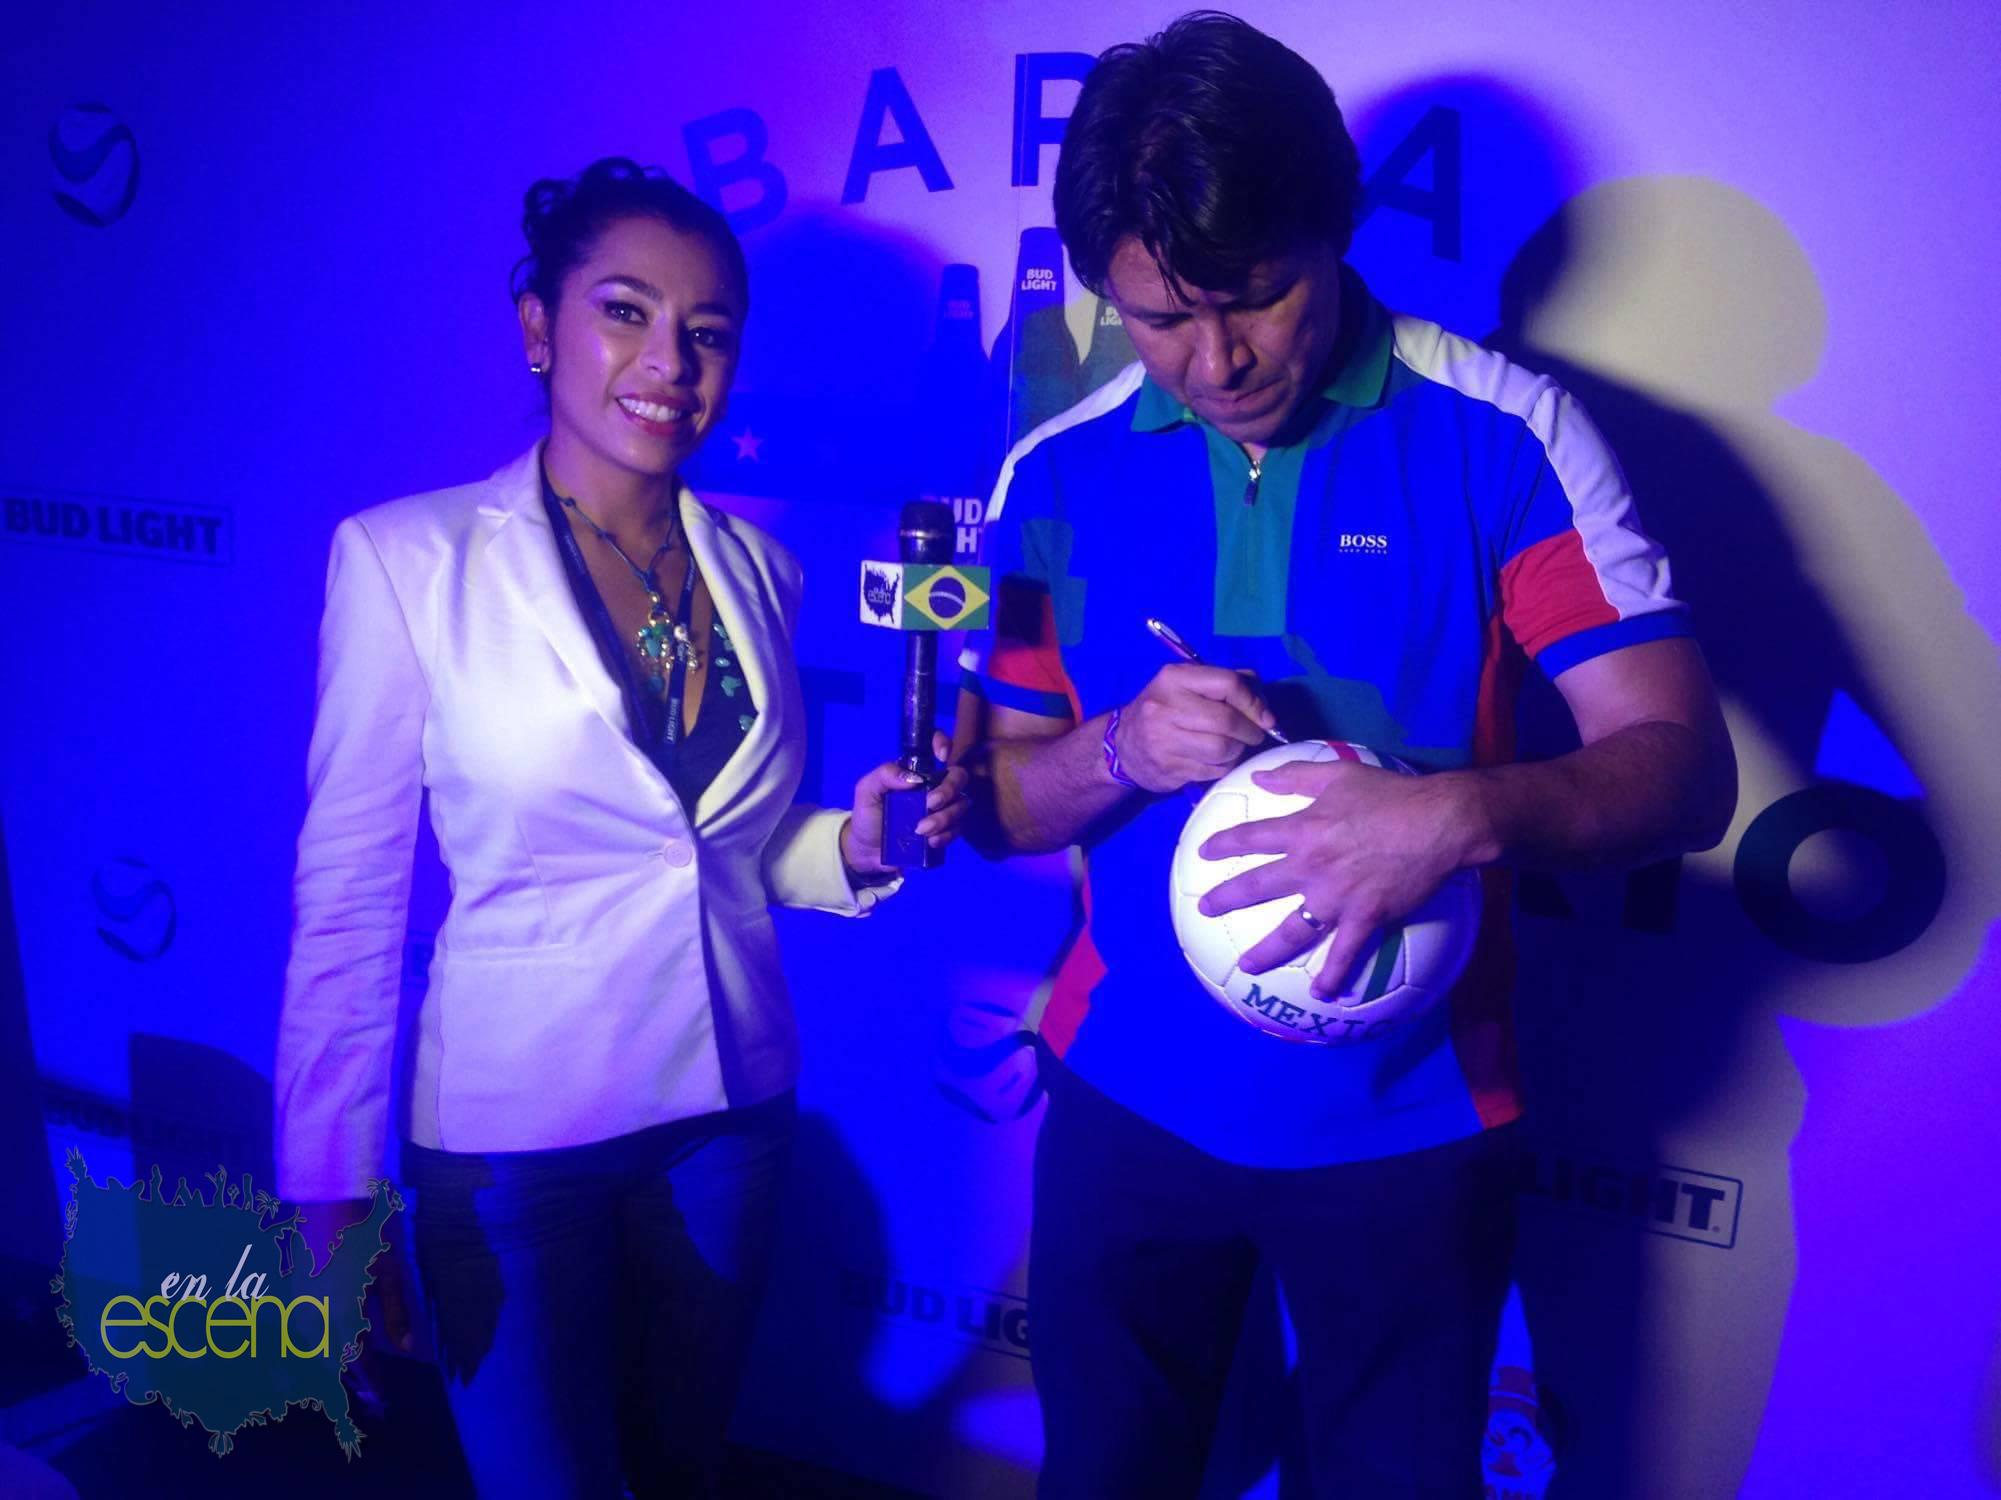 Geko jones of Que Bajo with Kelly Camacho of En La Escena Colombia